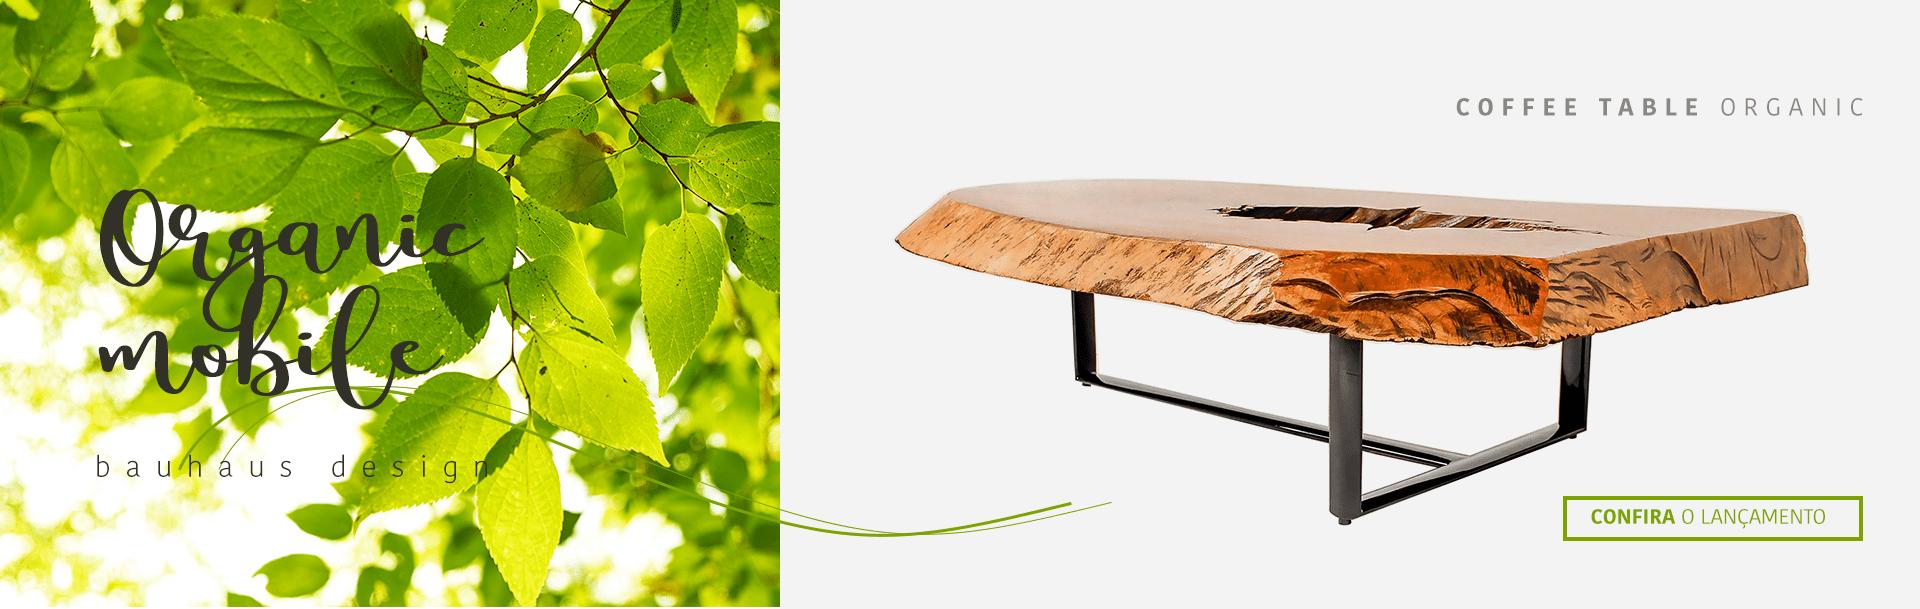 Organic - Coffee Table